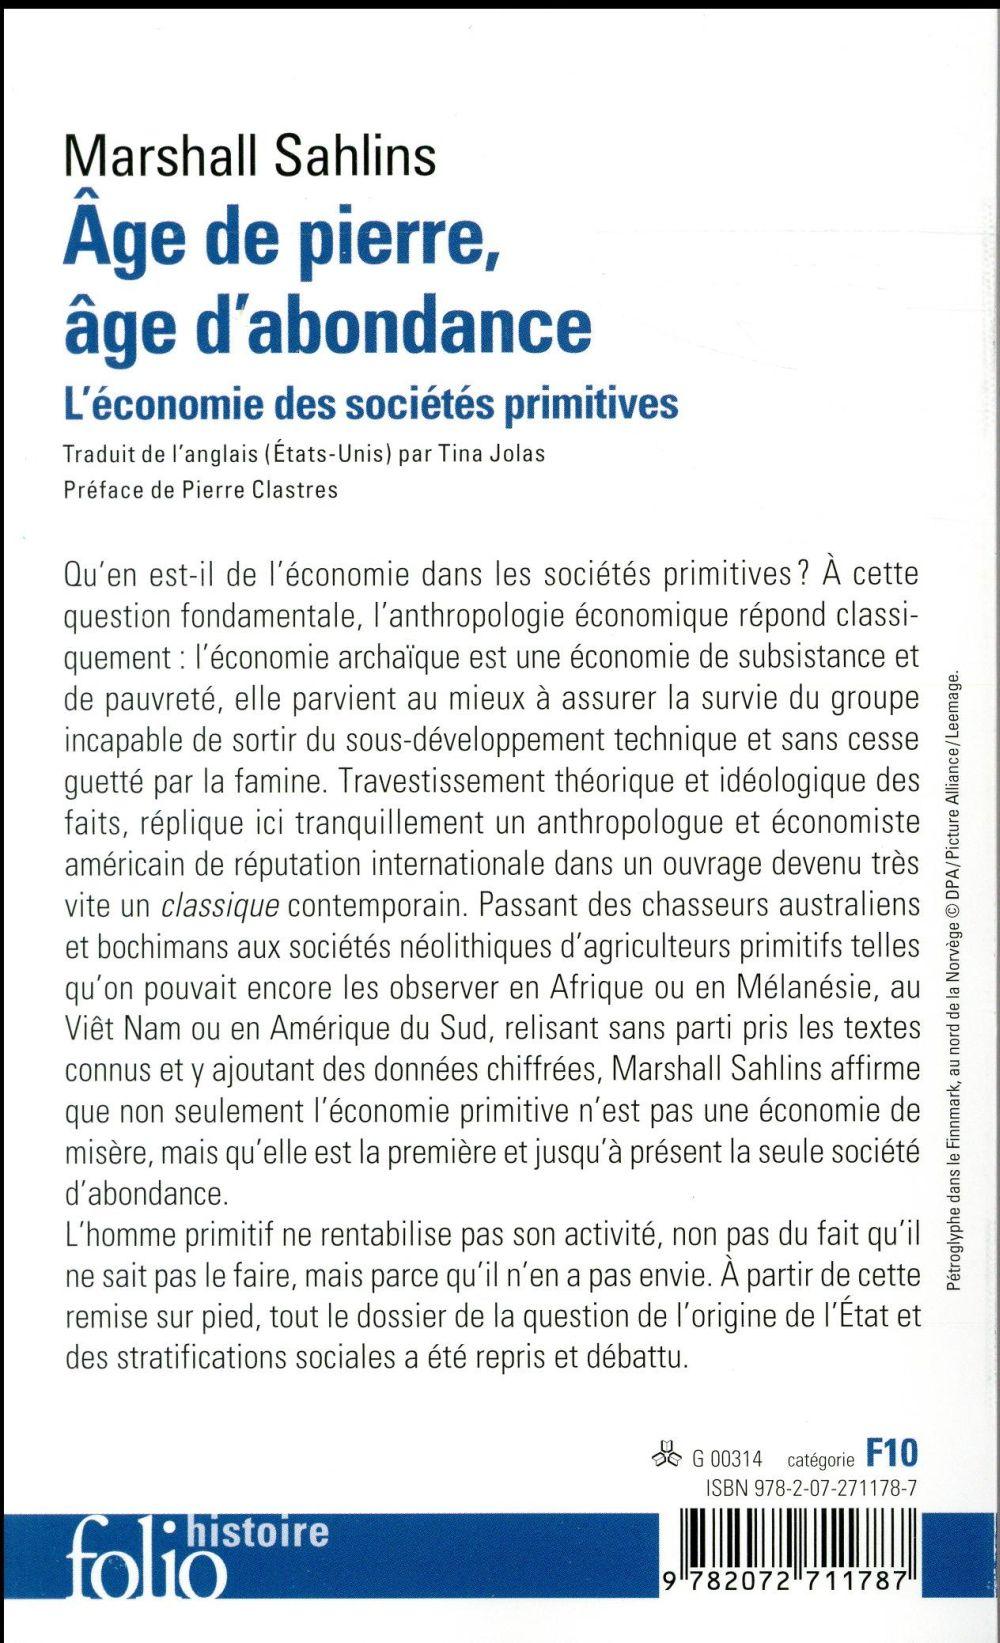 Age De Pierre Age D'abondance : pierre, d'abondance, Pierre,, D'abondance, L'économie, Sociétés, Primitives, Marshall, Sahlins, Gallimard, Poche, Librairie, PARIS